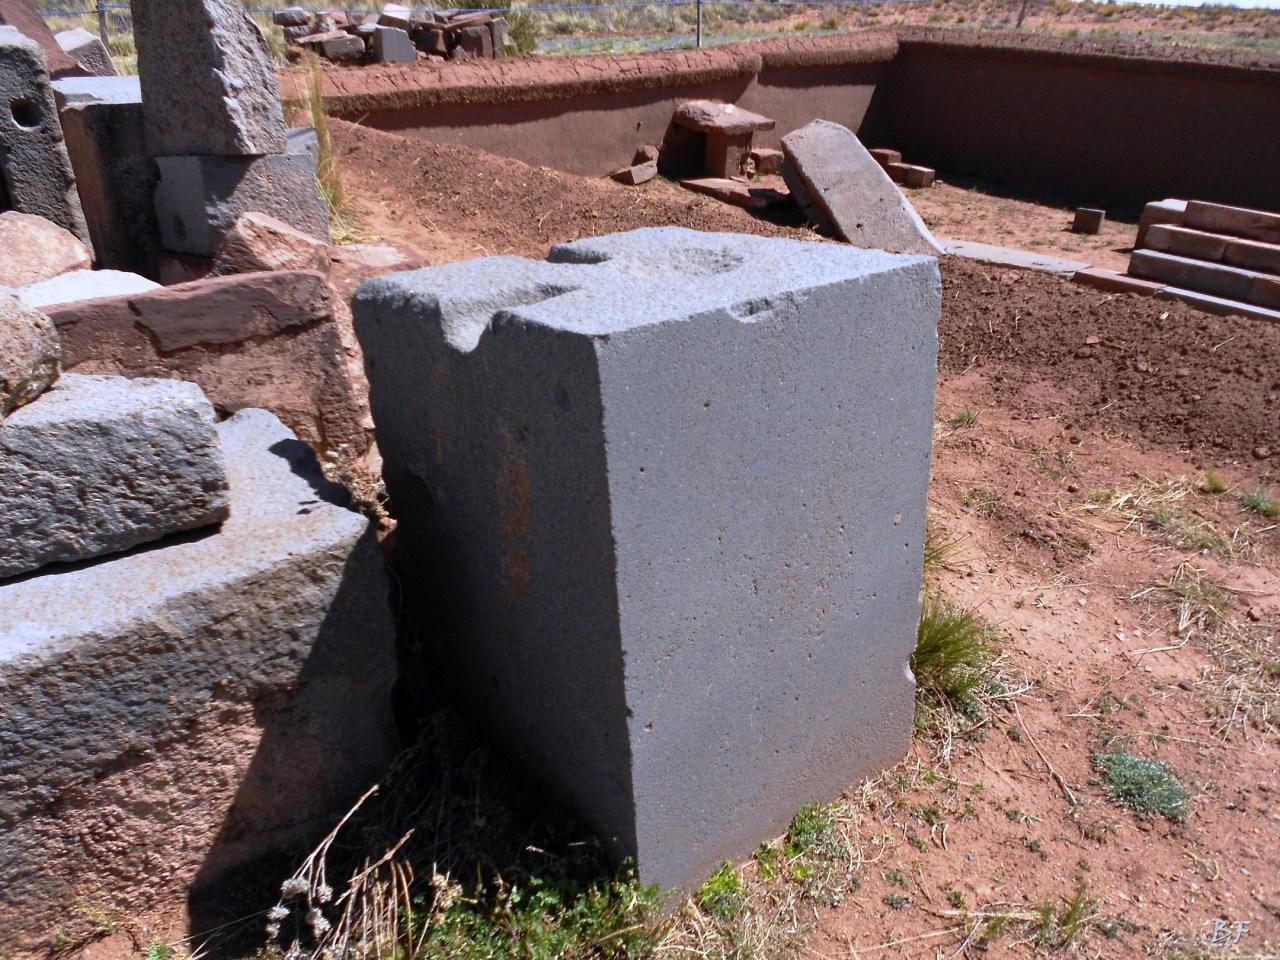 Puma-Punku-Area-Megalitica-Mura-Poligonali-Megaliti-Tiwanaku-Tiahuanaco-Bolivia-12